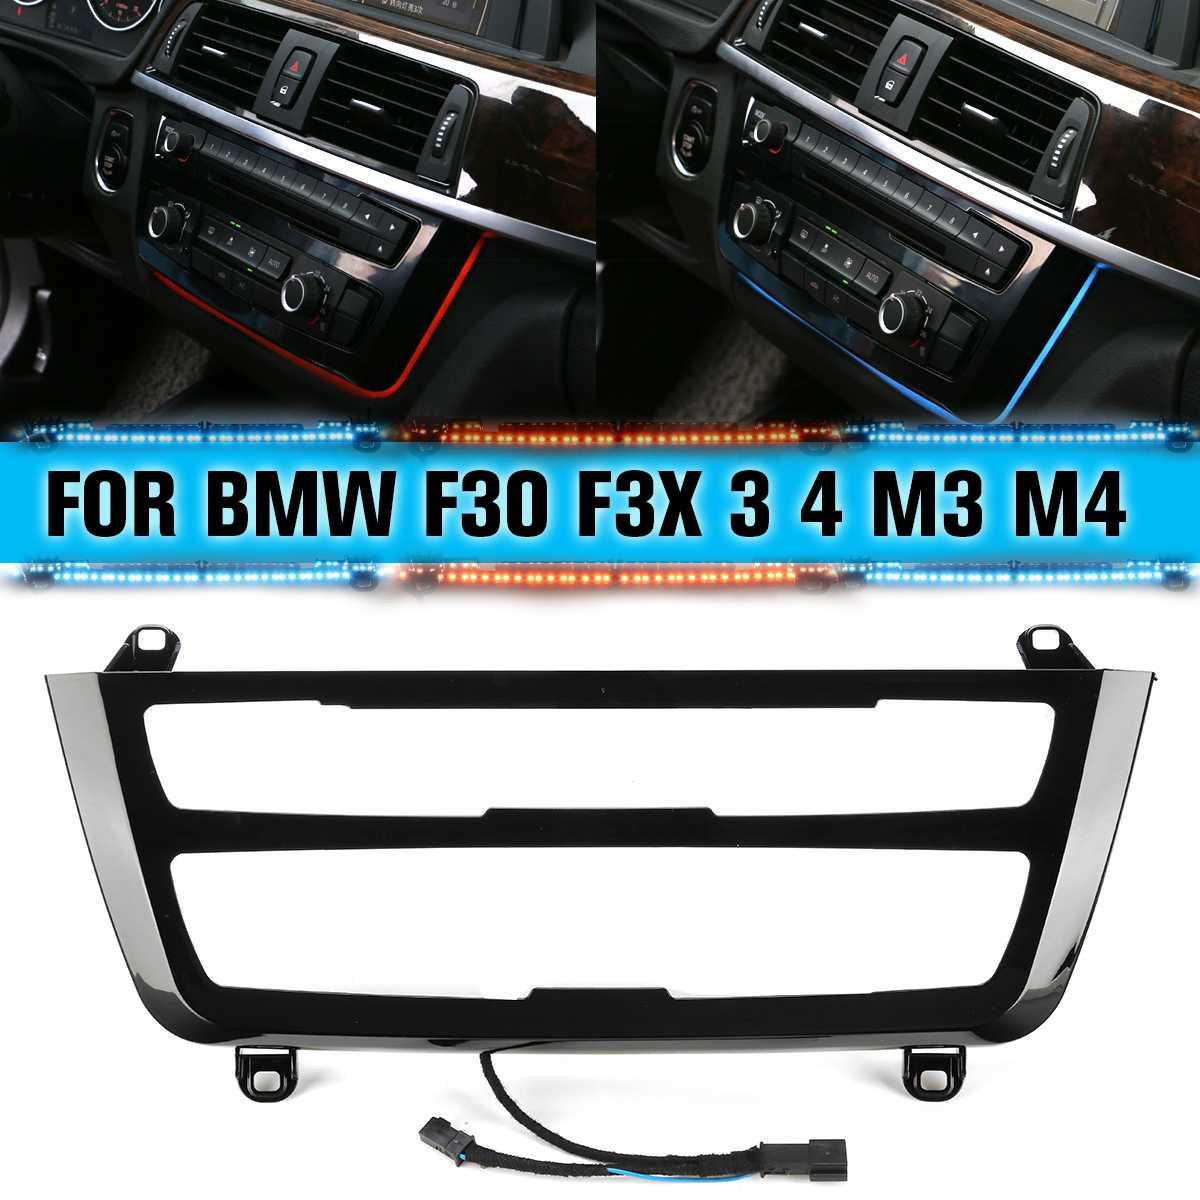 Pour BMW 3 & 4 Series F30 M3 M4 LCI garniture Radio tableau de bord LED Console centrale AC panneau lumière bleu Orange 2 couleurs atmosphère lumière